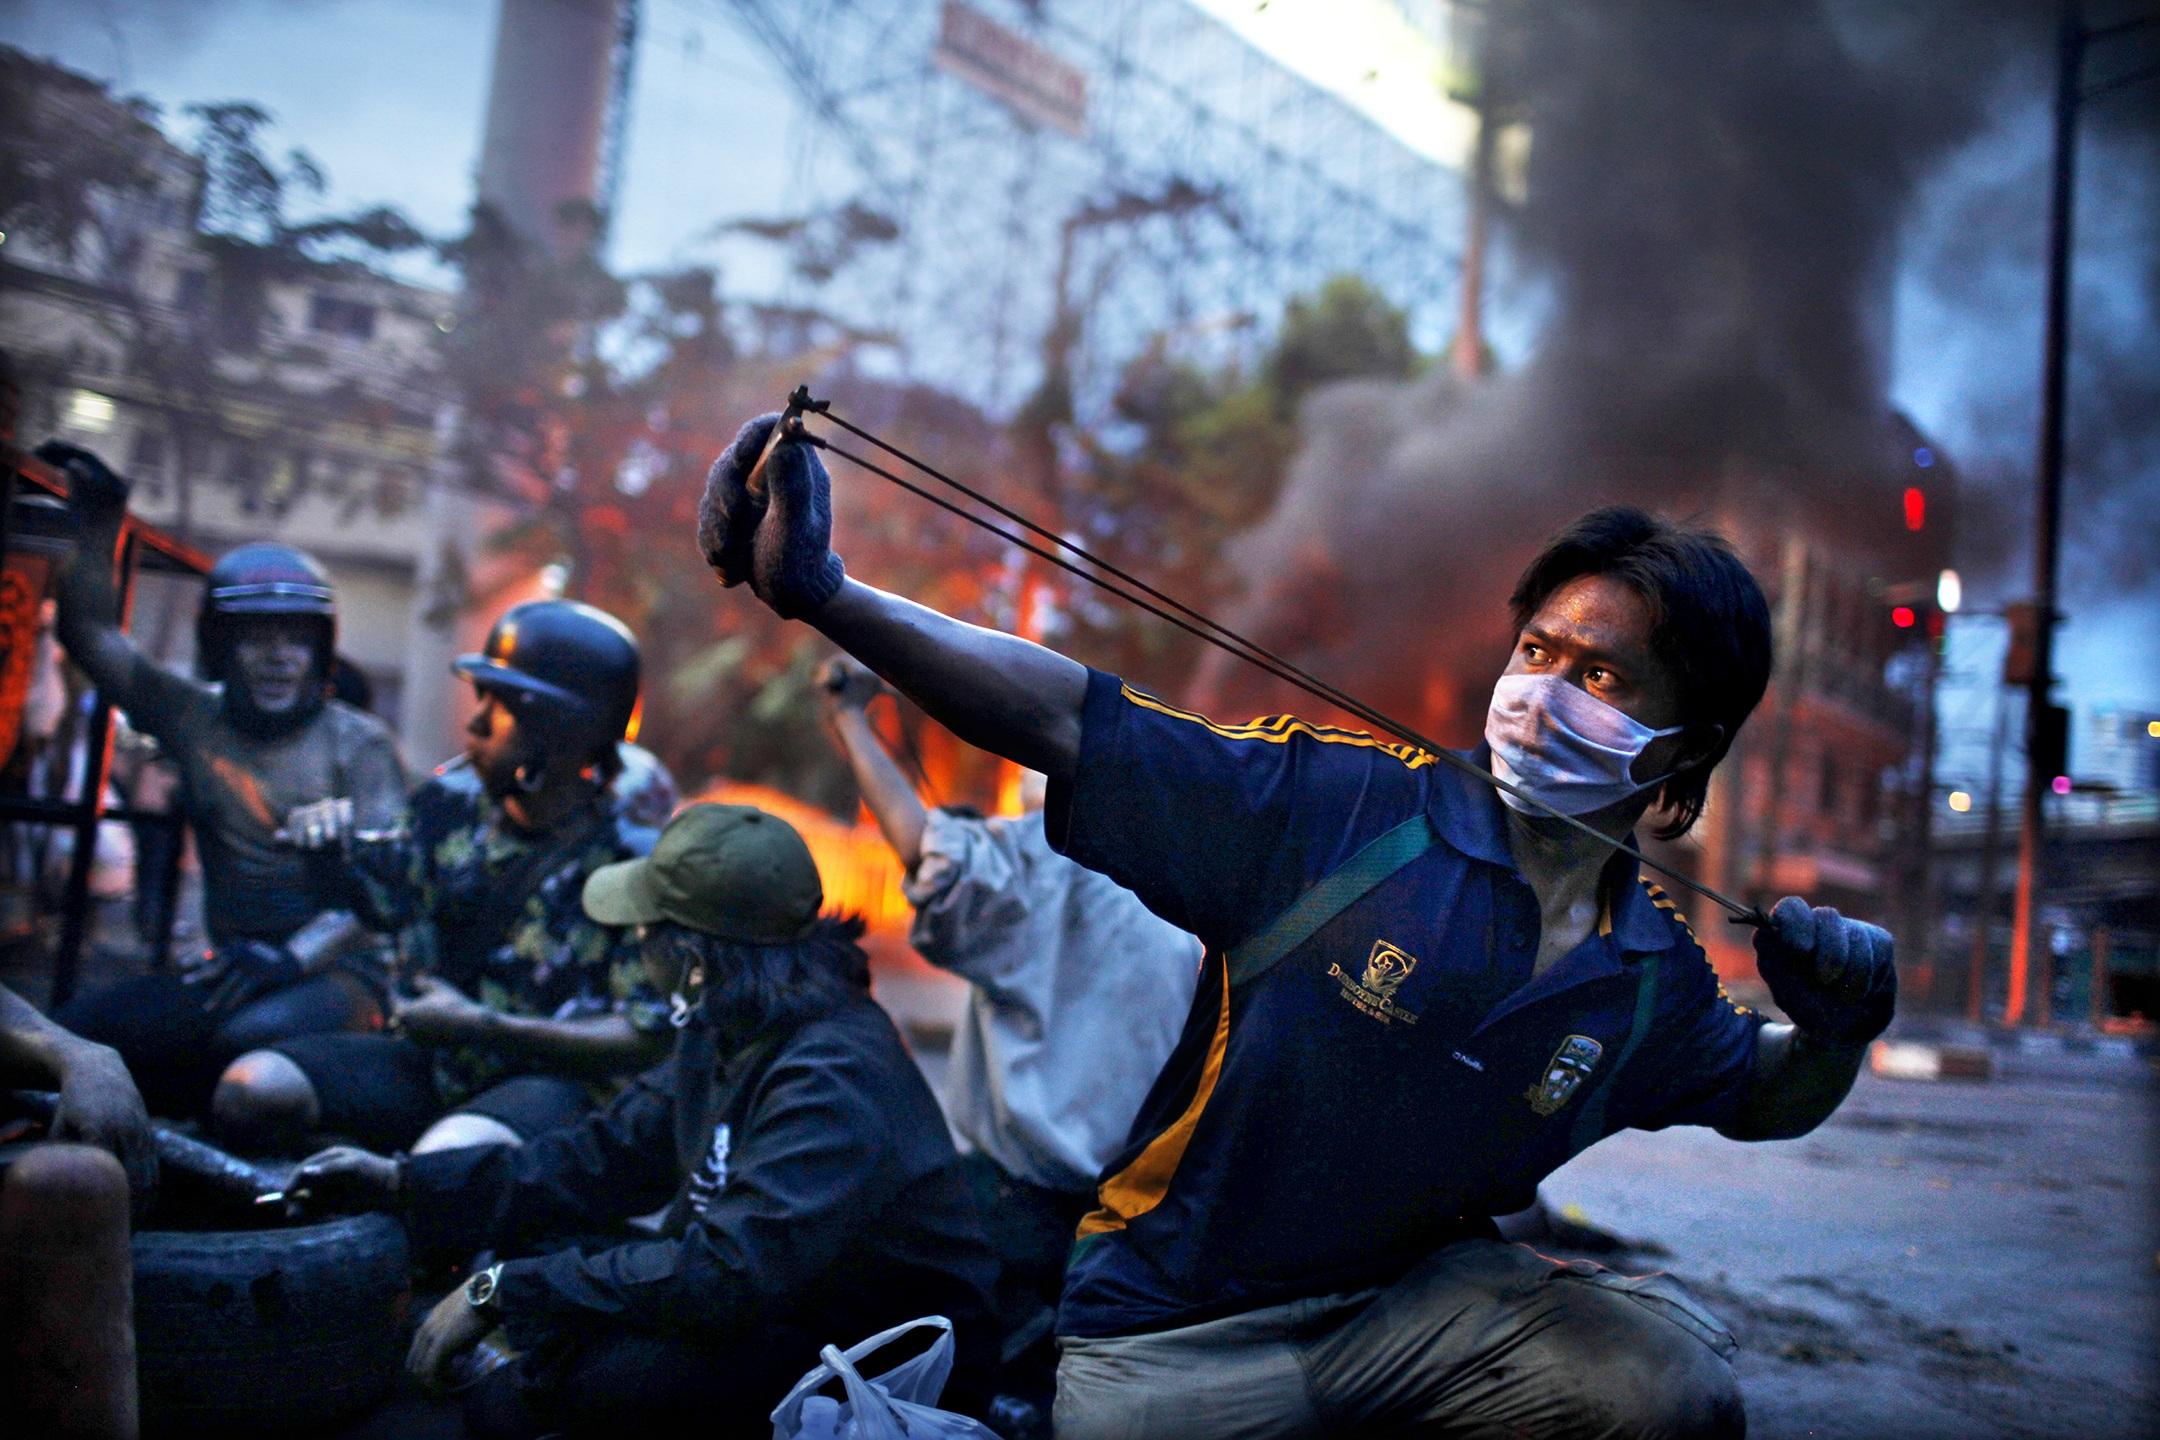 2. nagroda w kategorii Wydarzenia - reportaż: Corentin Fohlen, Fedephoto, Antyrządowe zamieszki w Bankoku, Tajlandia